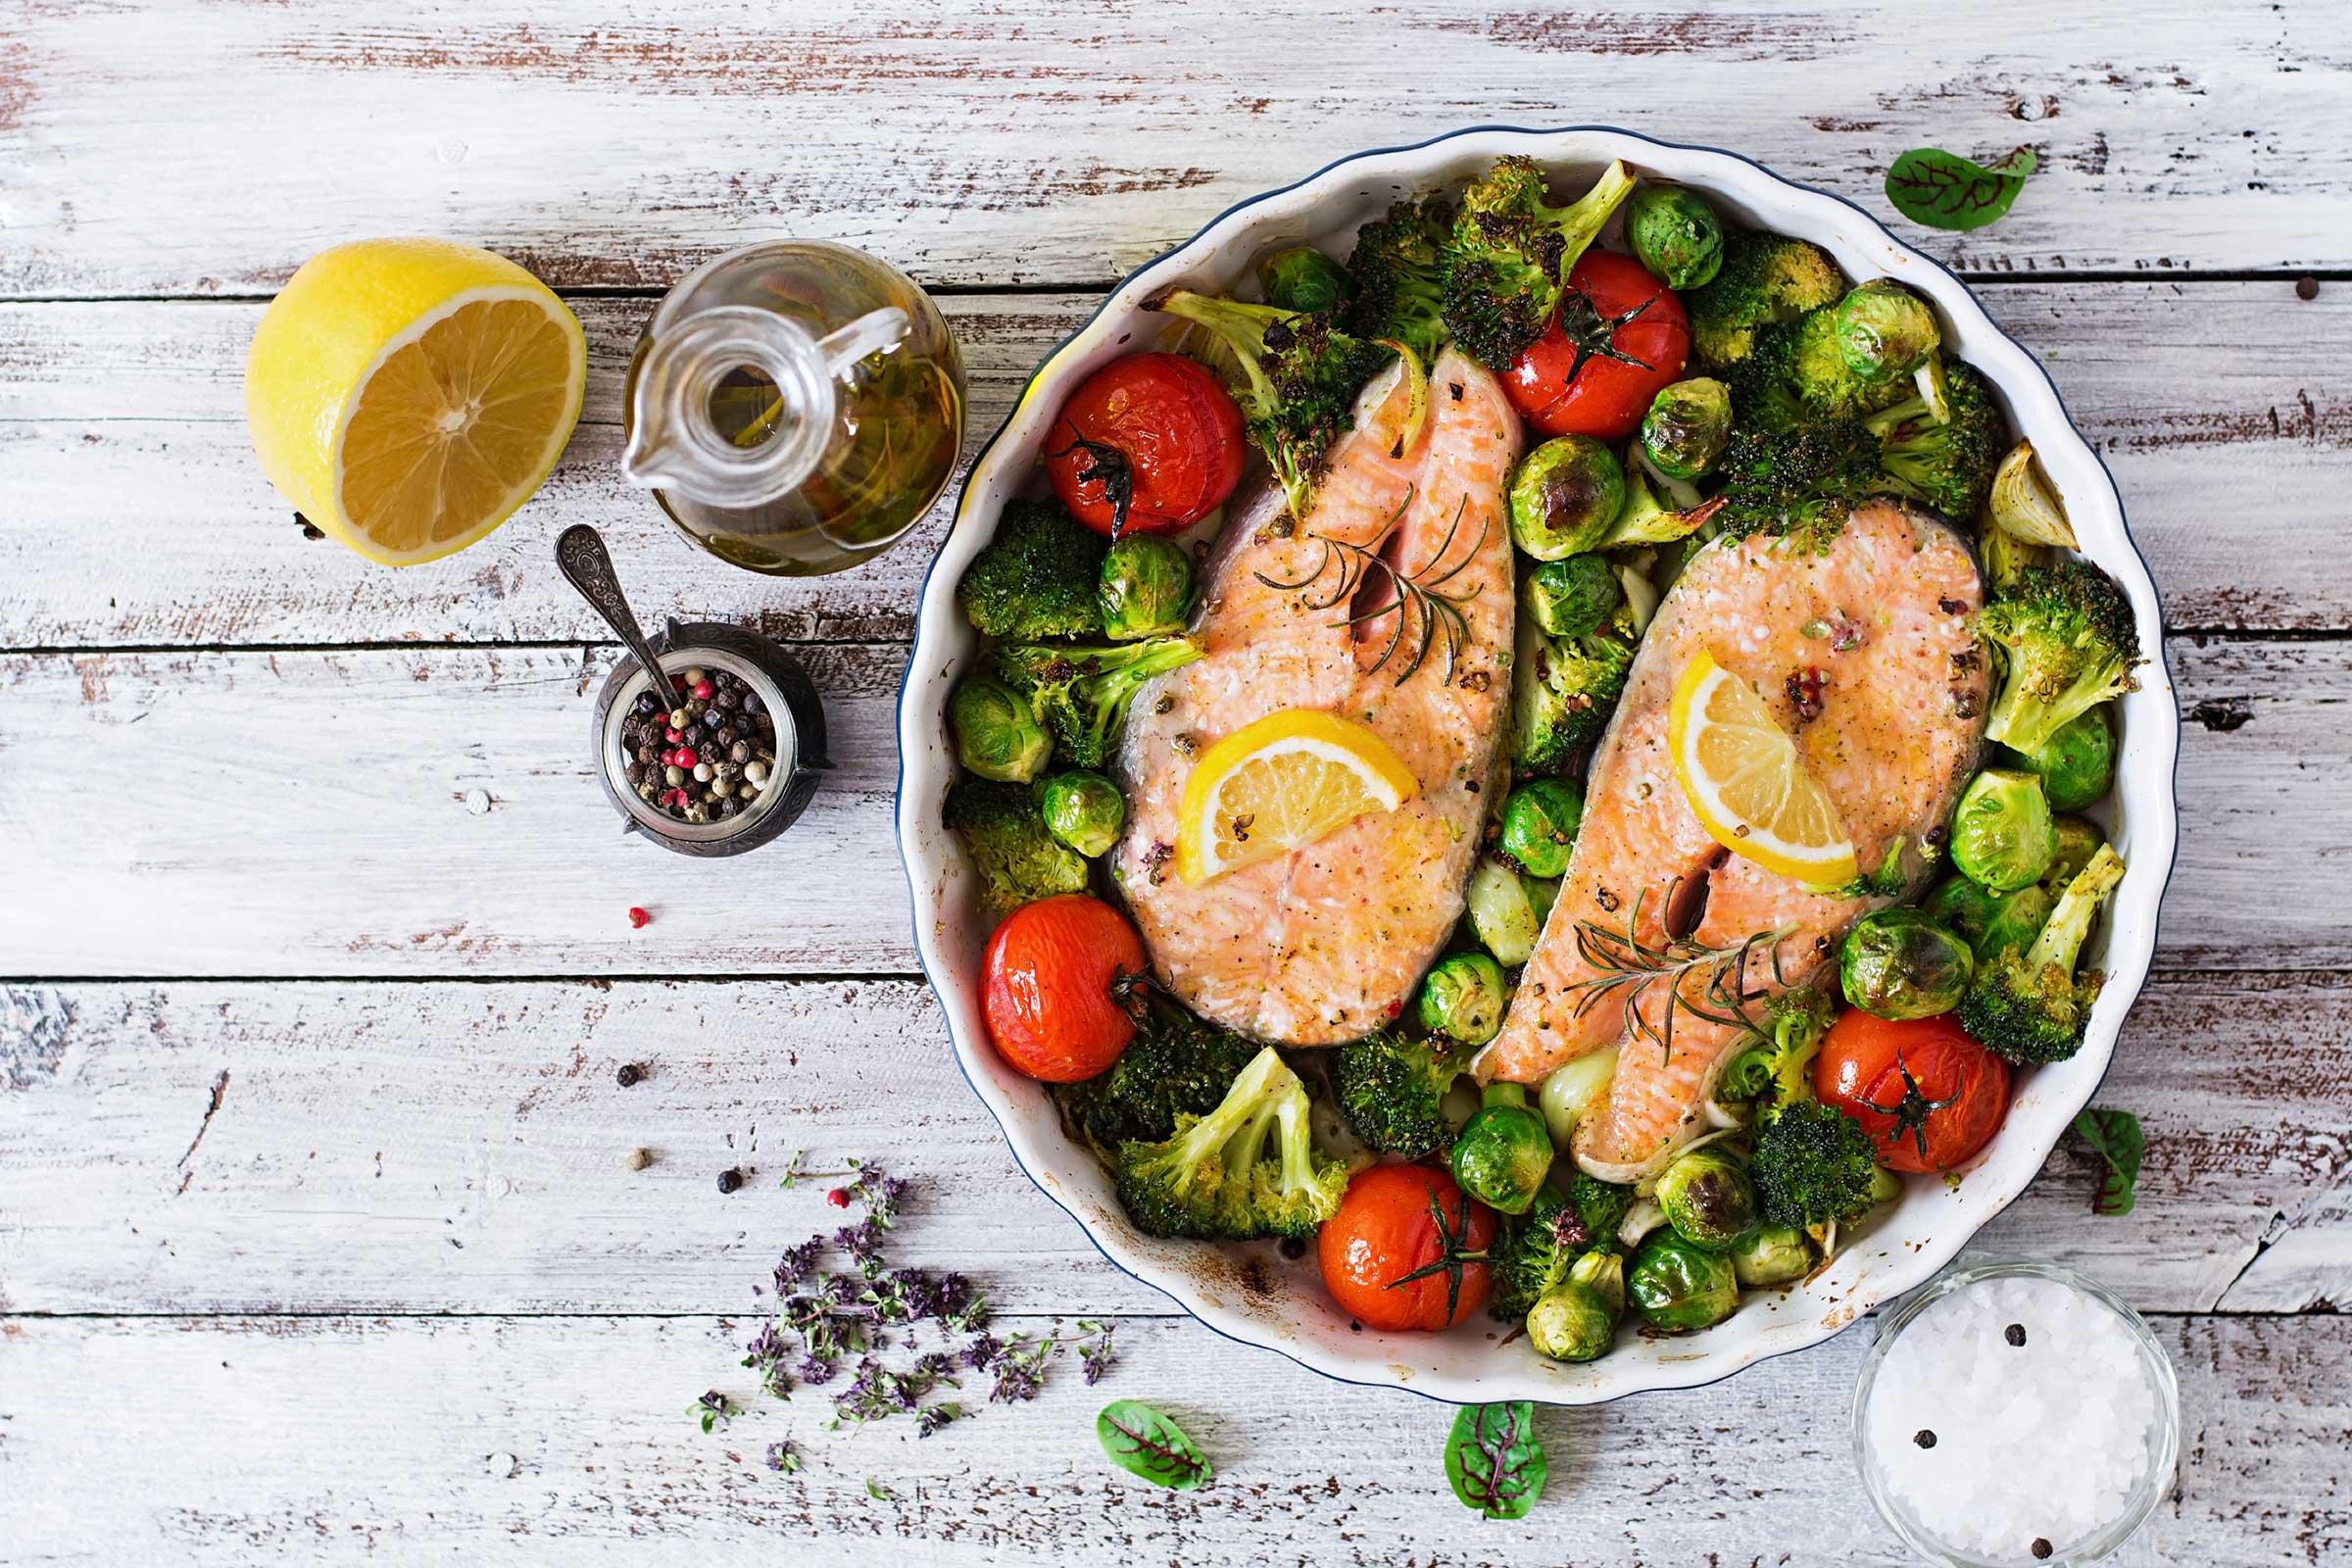 Sai quali sono le abitudini alimentari per prevenire i tumori? [QUIZ]